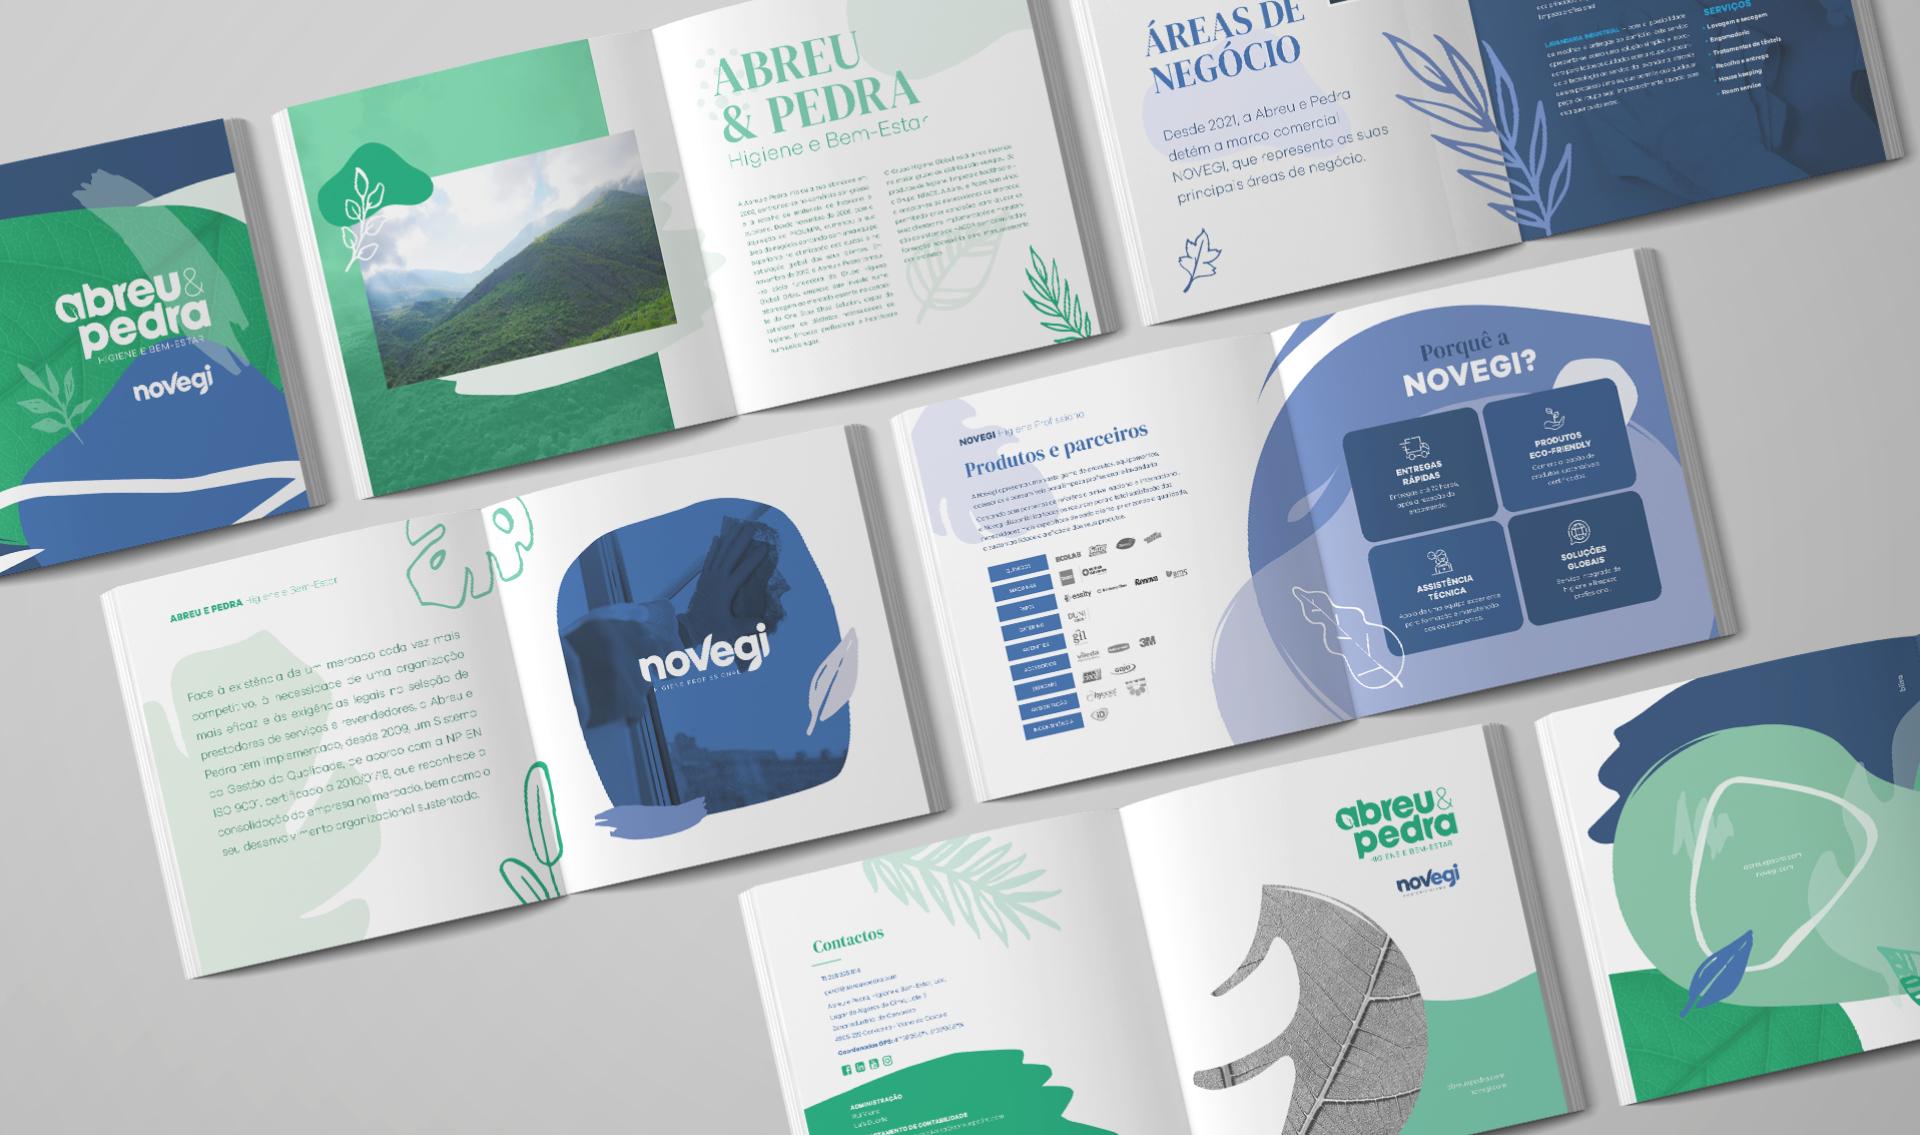 Páginas de catálogo Novegi